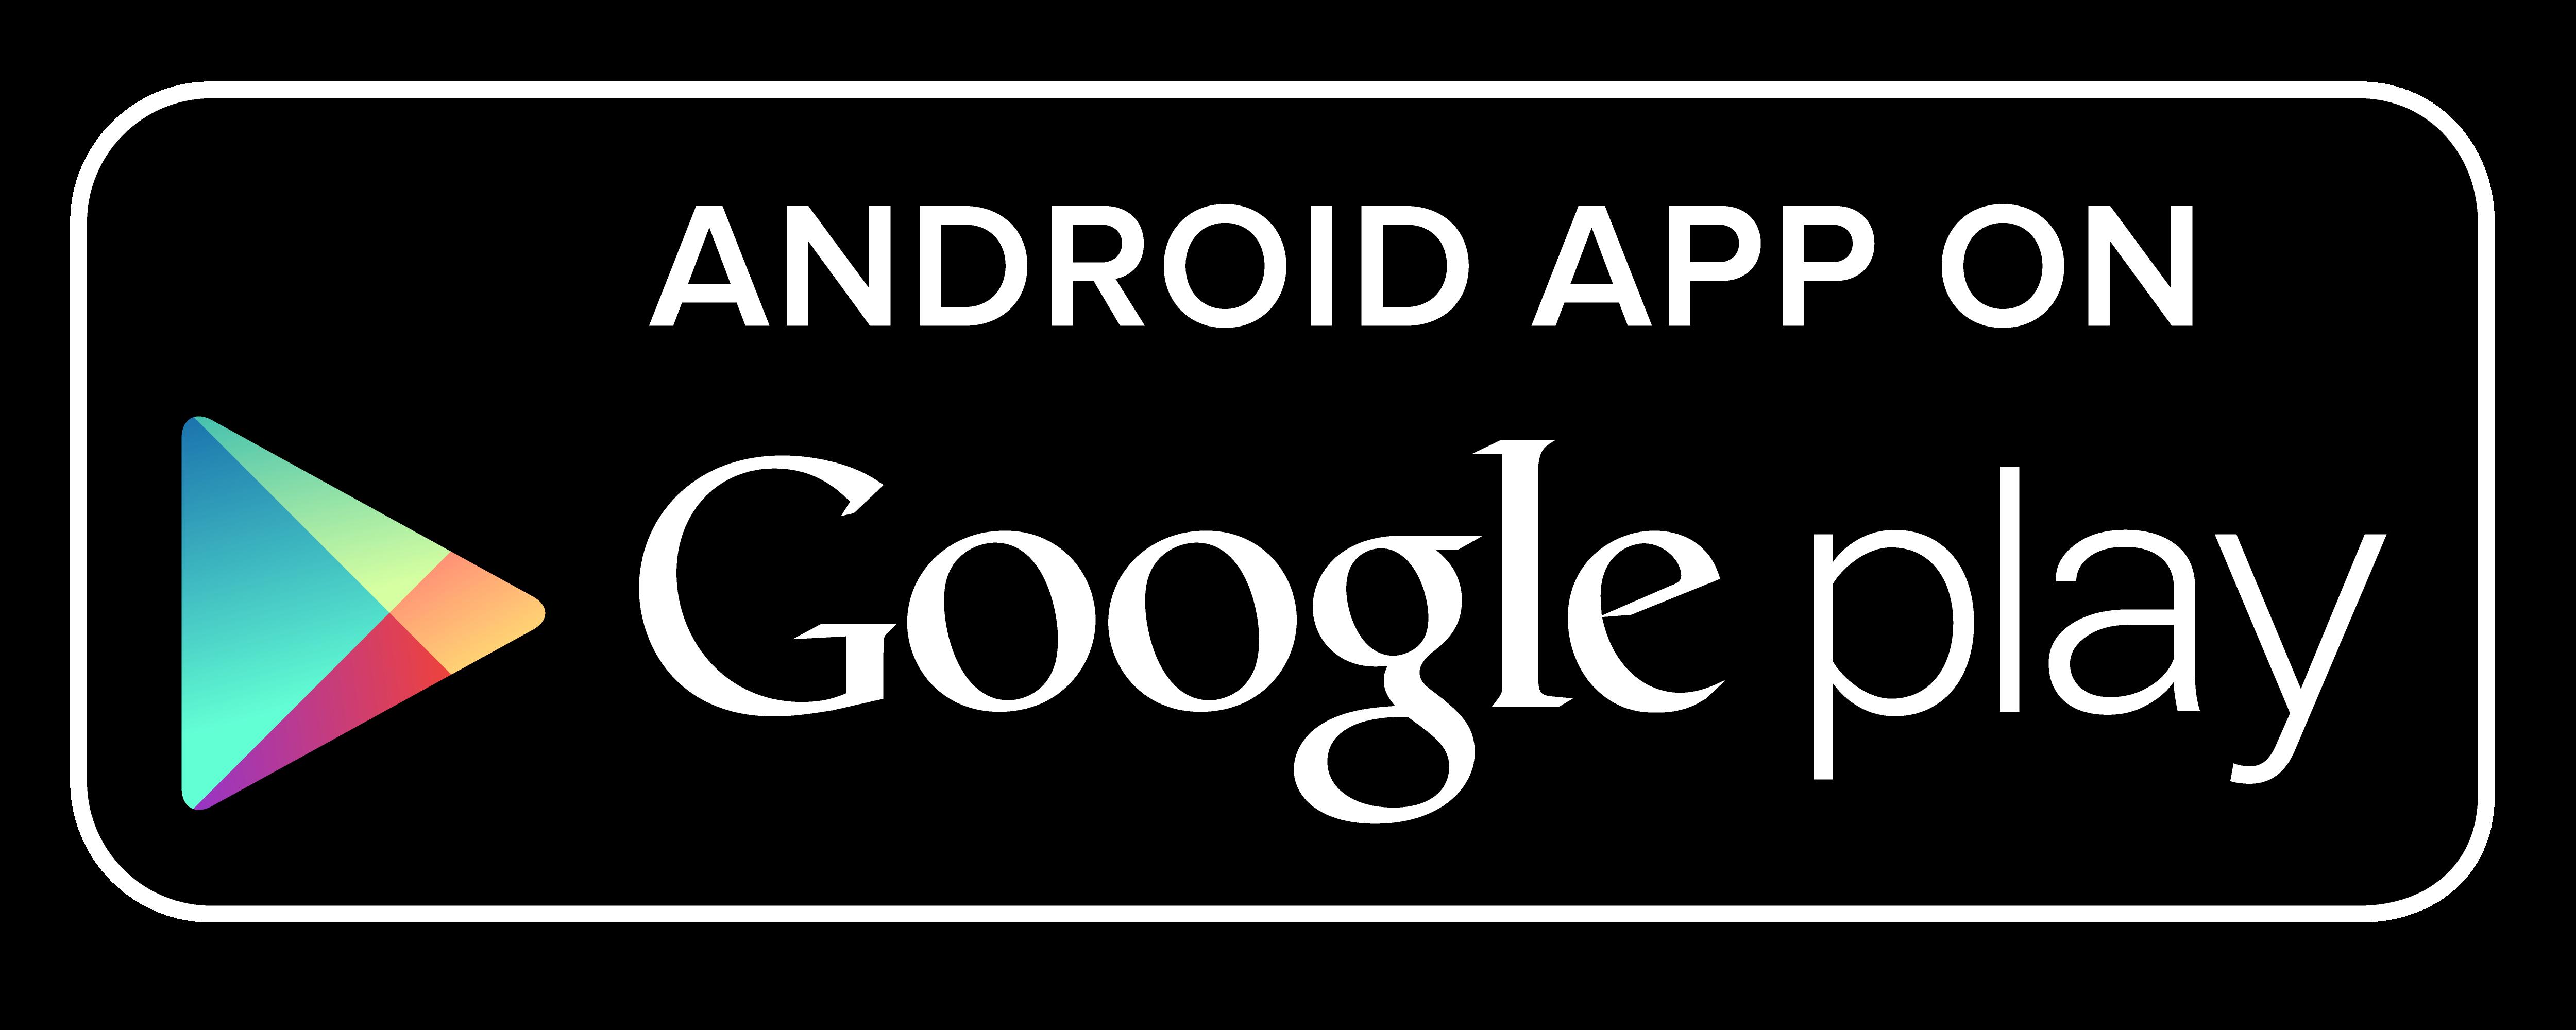 BELK Tile Android App